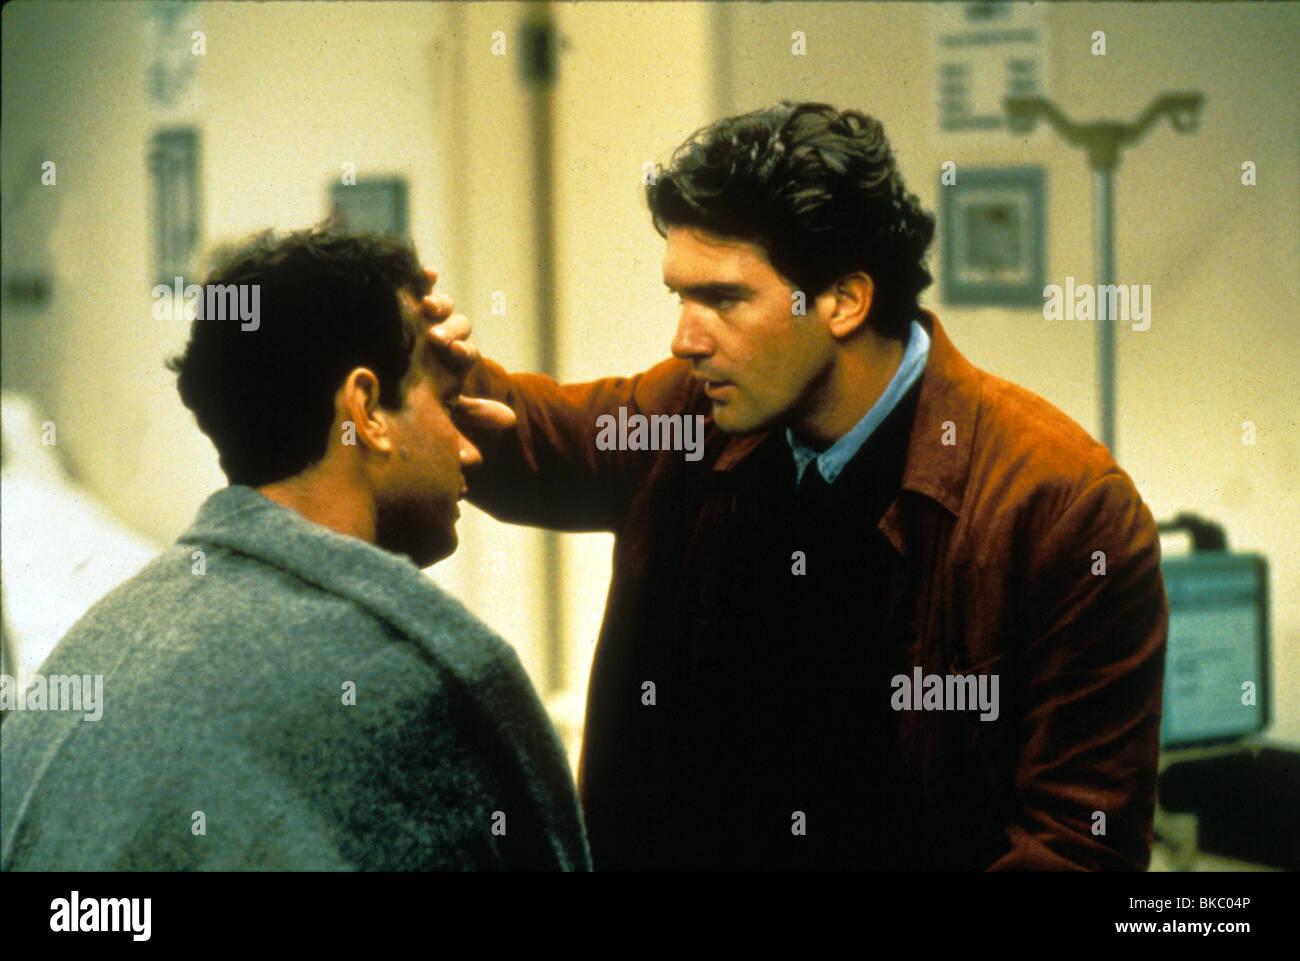 PHILA DELPHIA(1993) TOM HANKS,ANTONIO BANDERAS PHI 018 - Stock Image